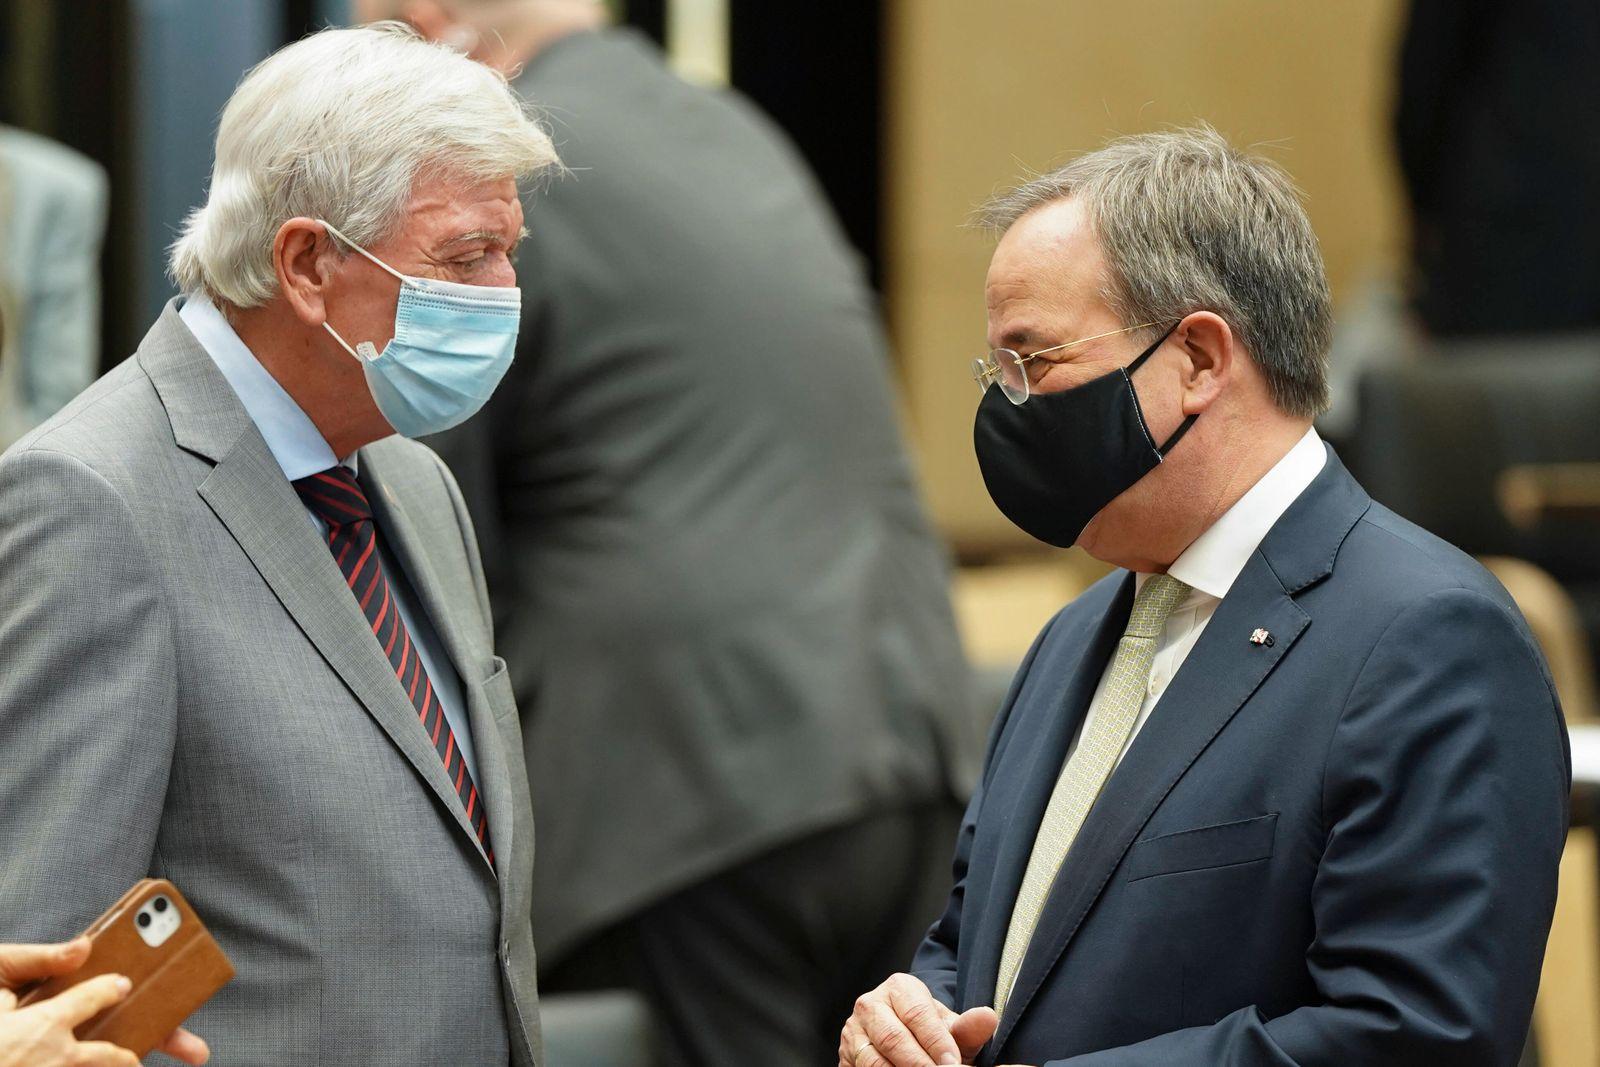 Bundesrat in Berlin 997. Sitzung Plenum Aktuell, 27.11.2020, Berlin,NRW Ministerpraesident Armin Laschet im Austausch u